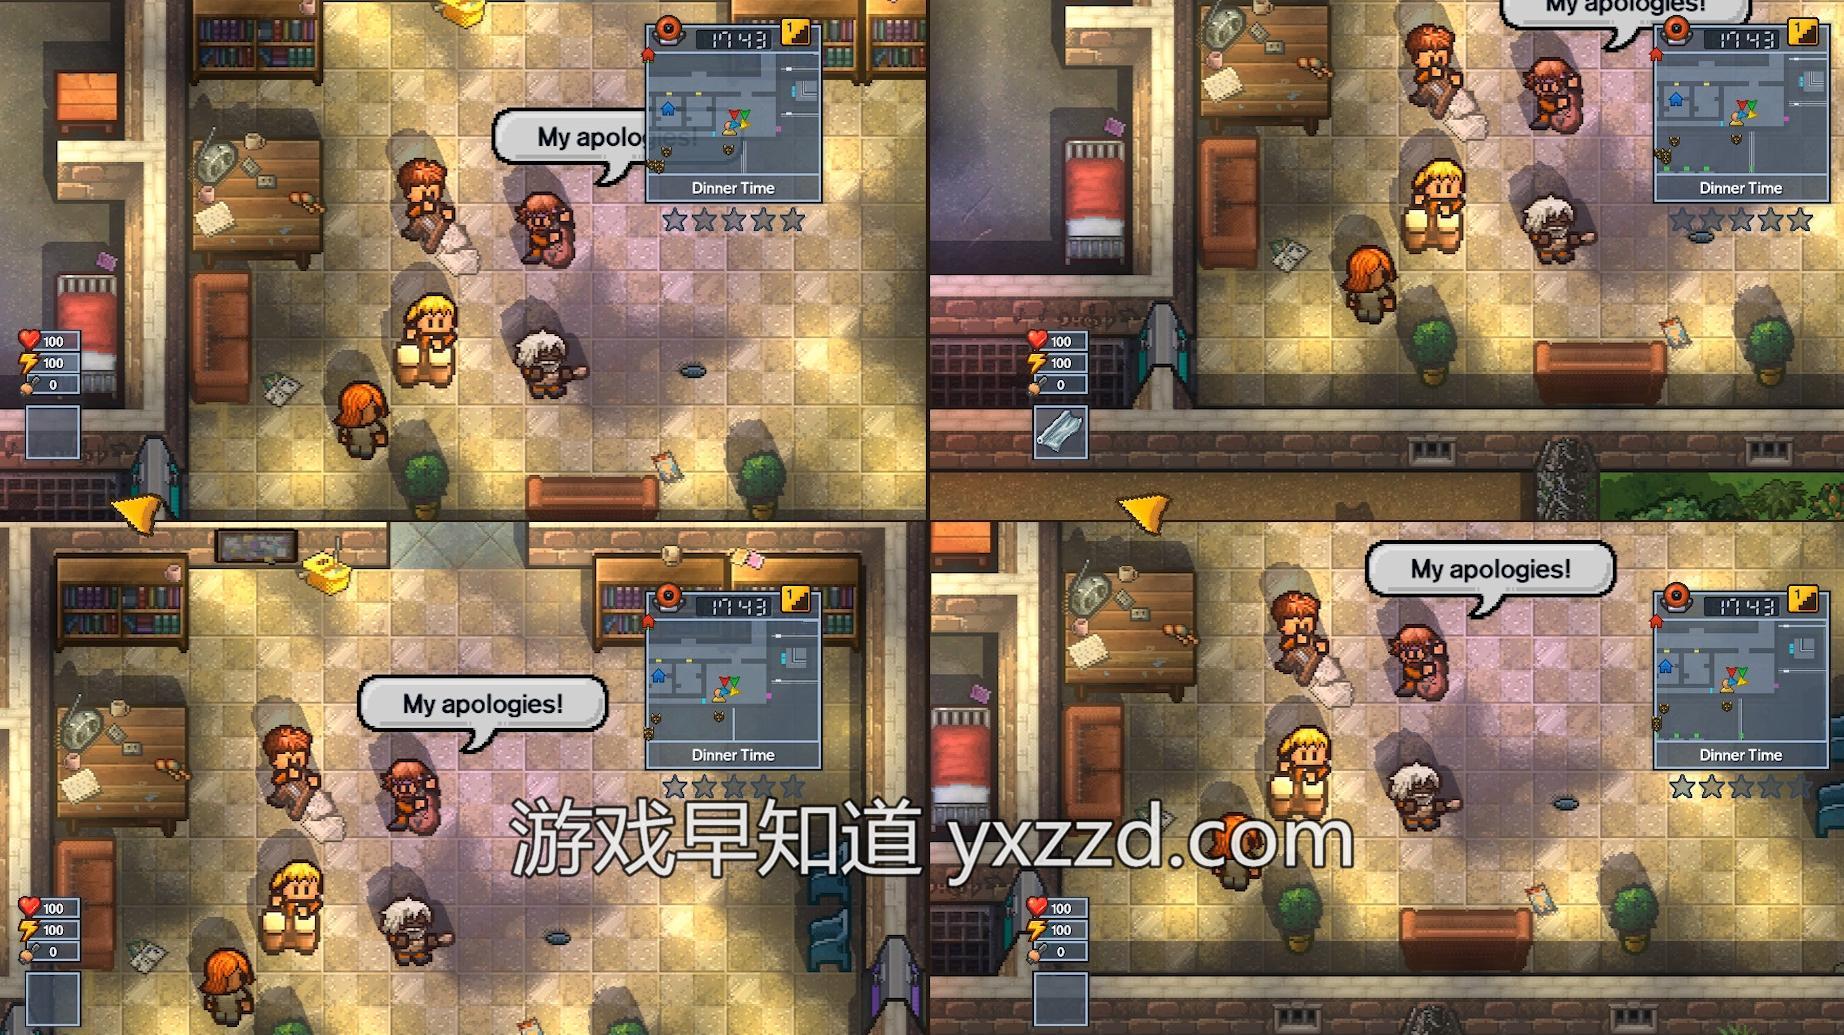 《逃脱者2》8月22日发售 支持中文